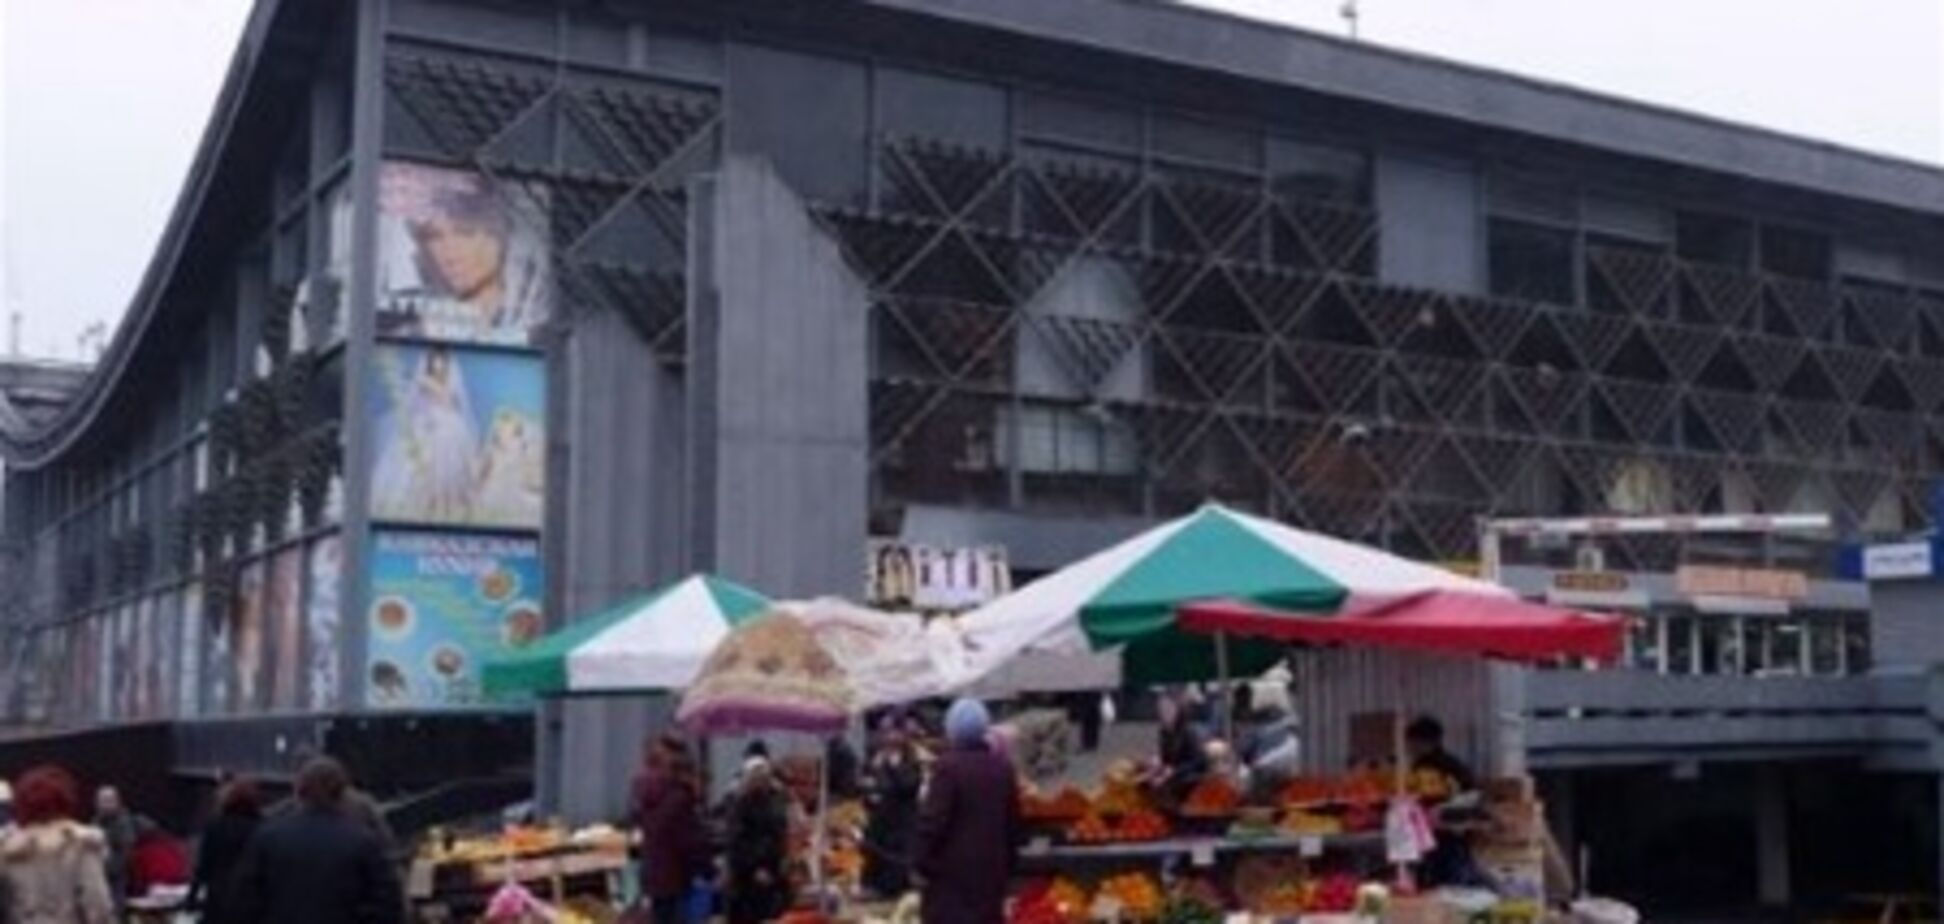 Прокуратура Киева открыла производство в отношении руководства Житнего рынка